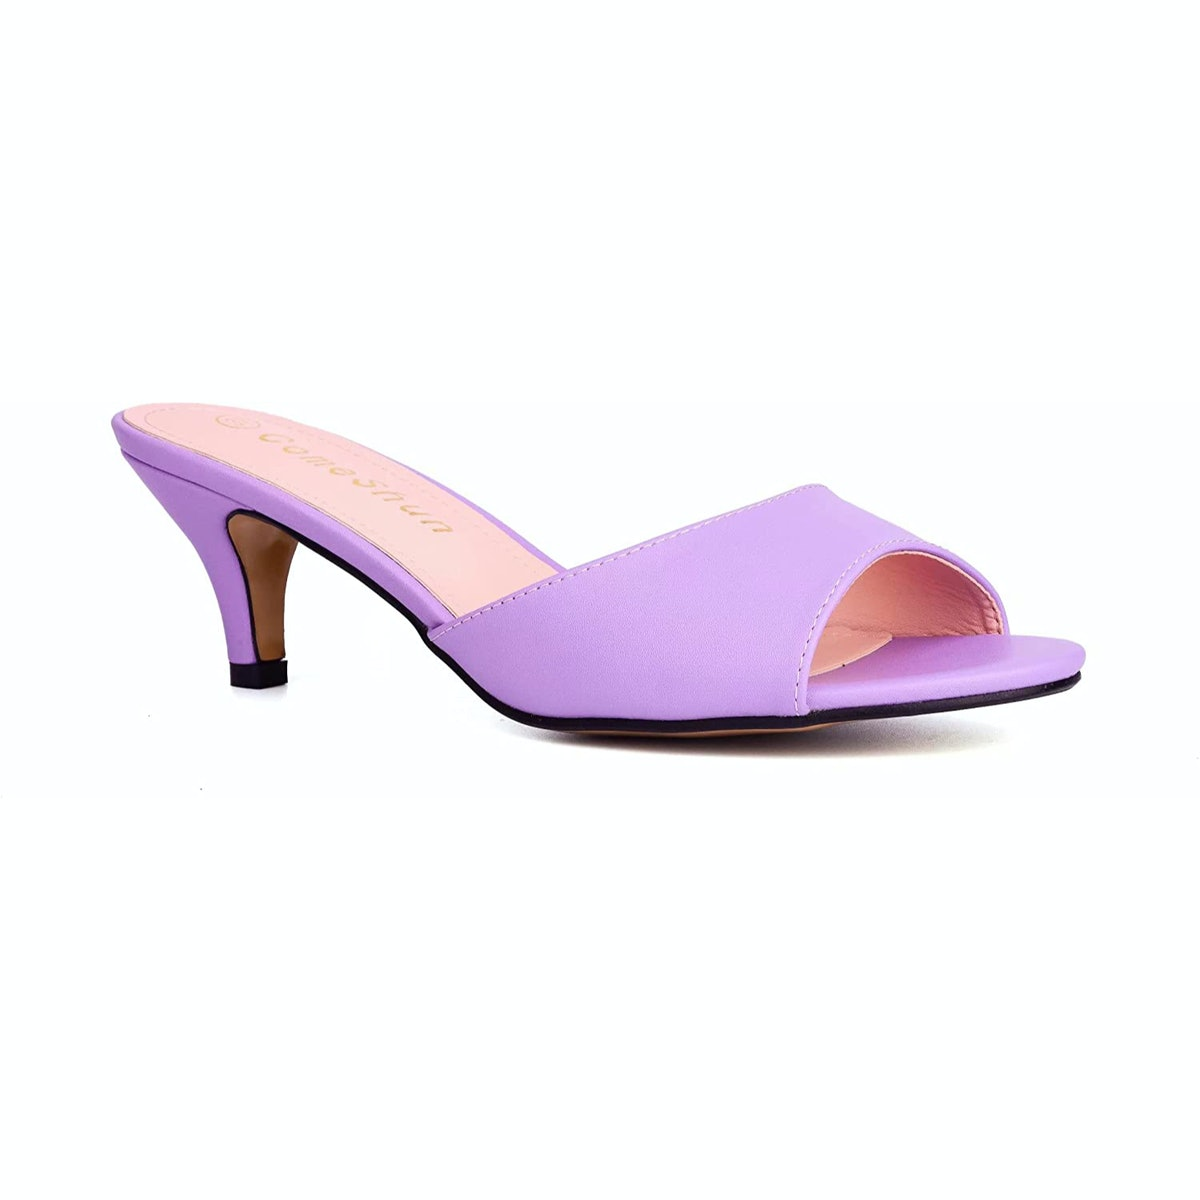 ComeShun Kitten Heel Mule Sandals